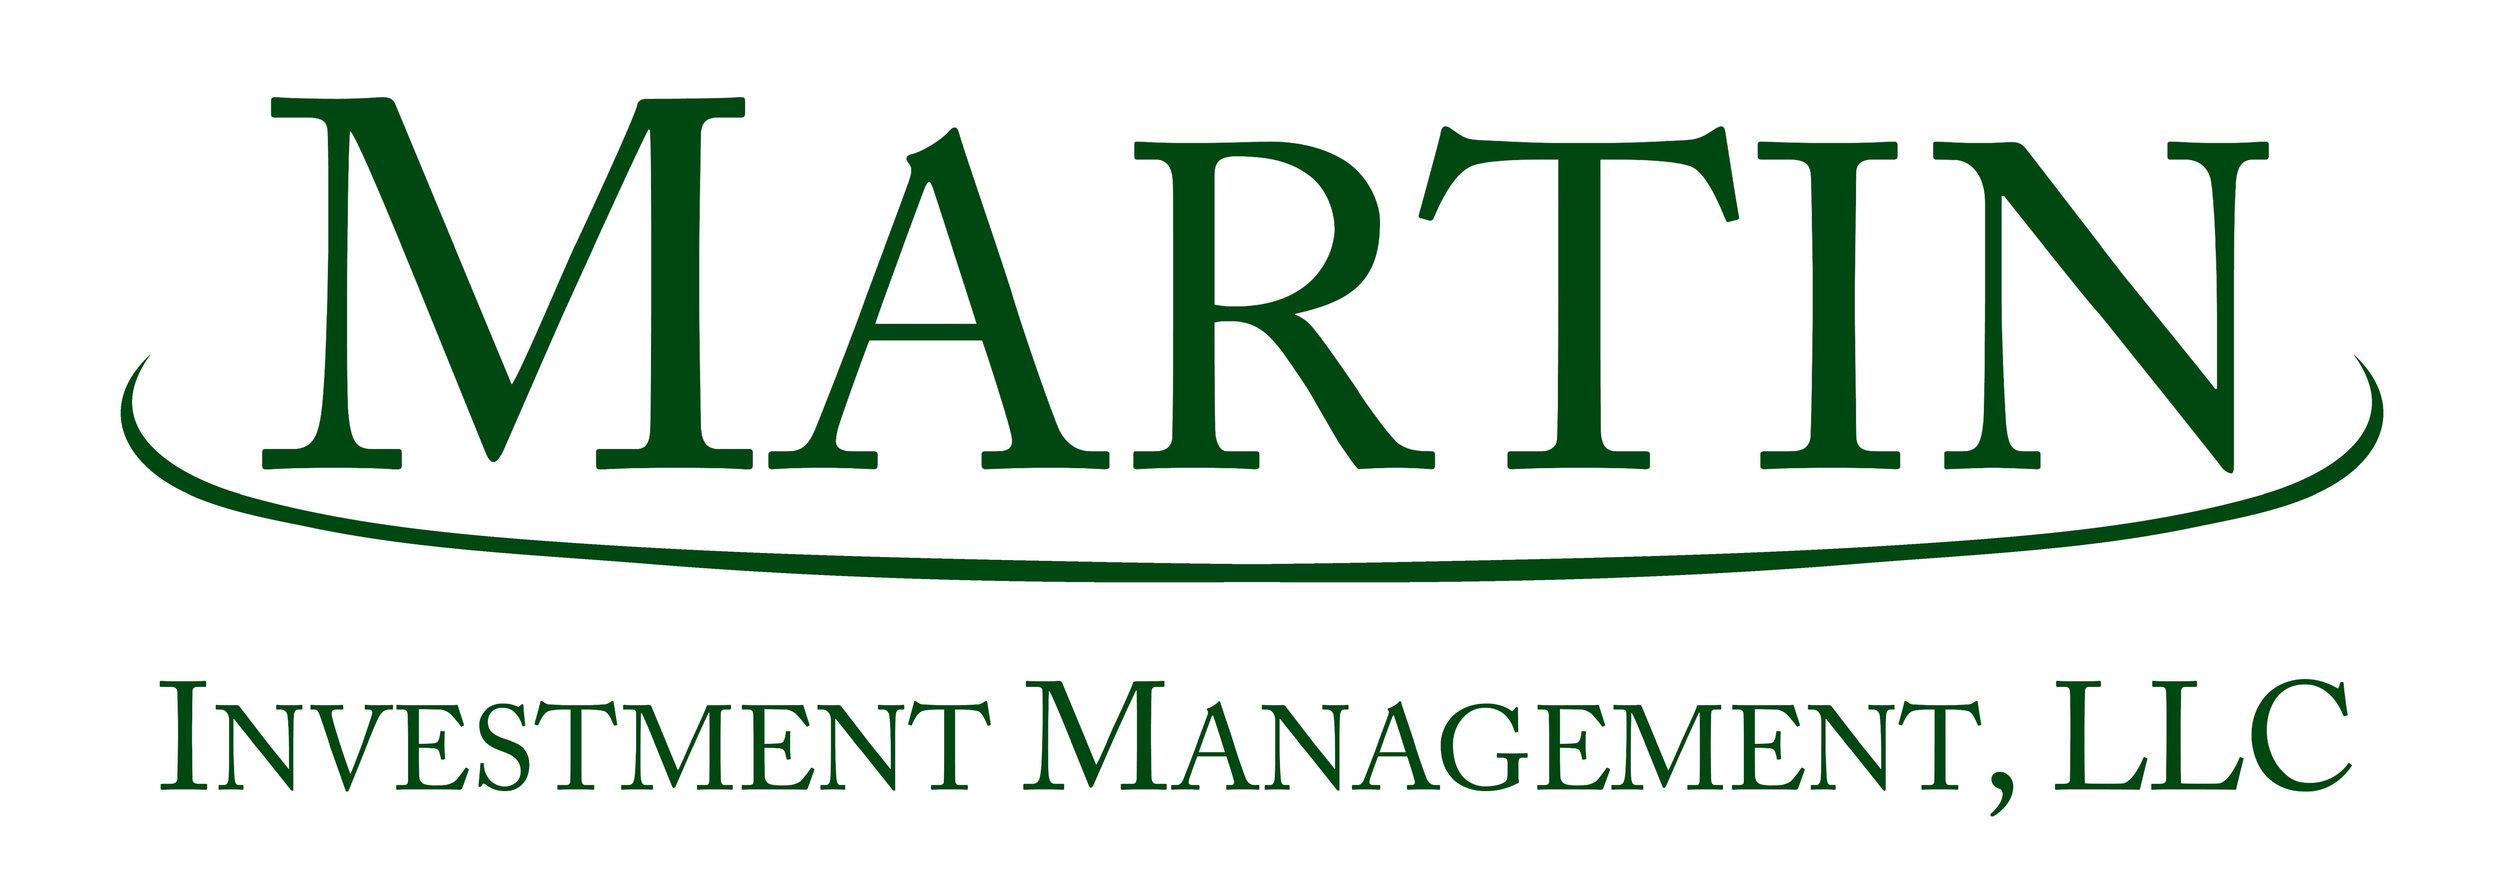 Martin Investment Management.jpg